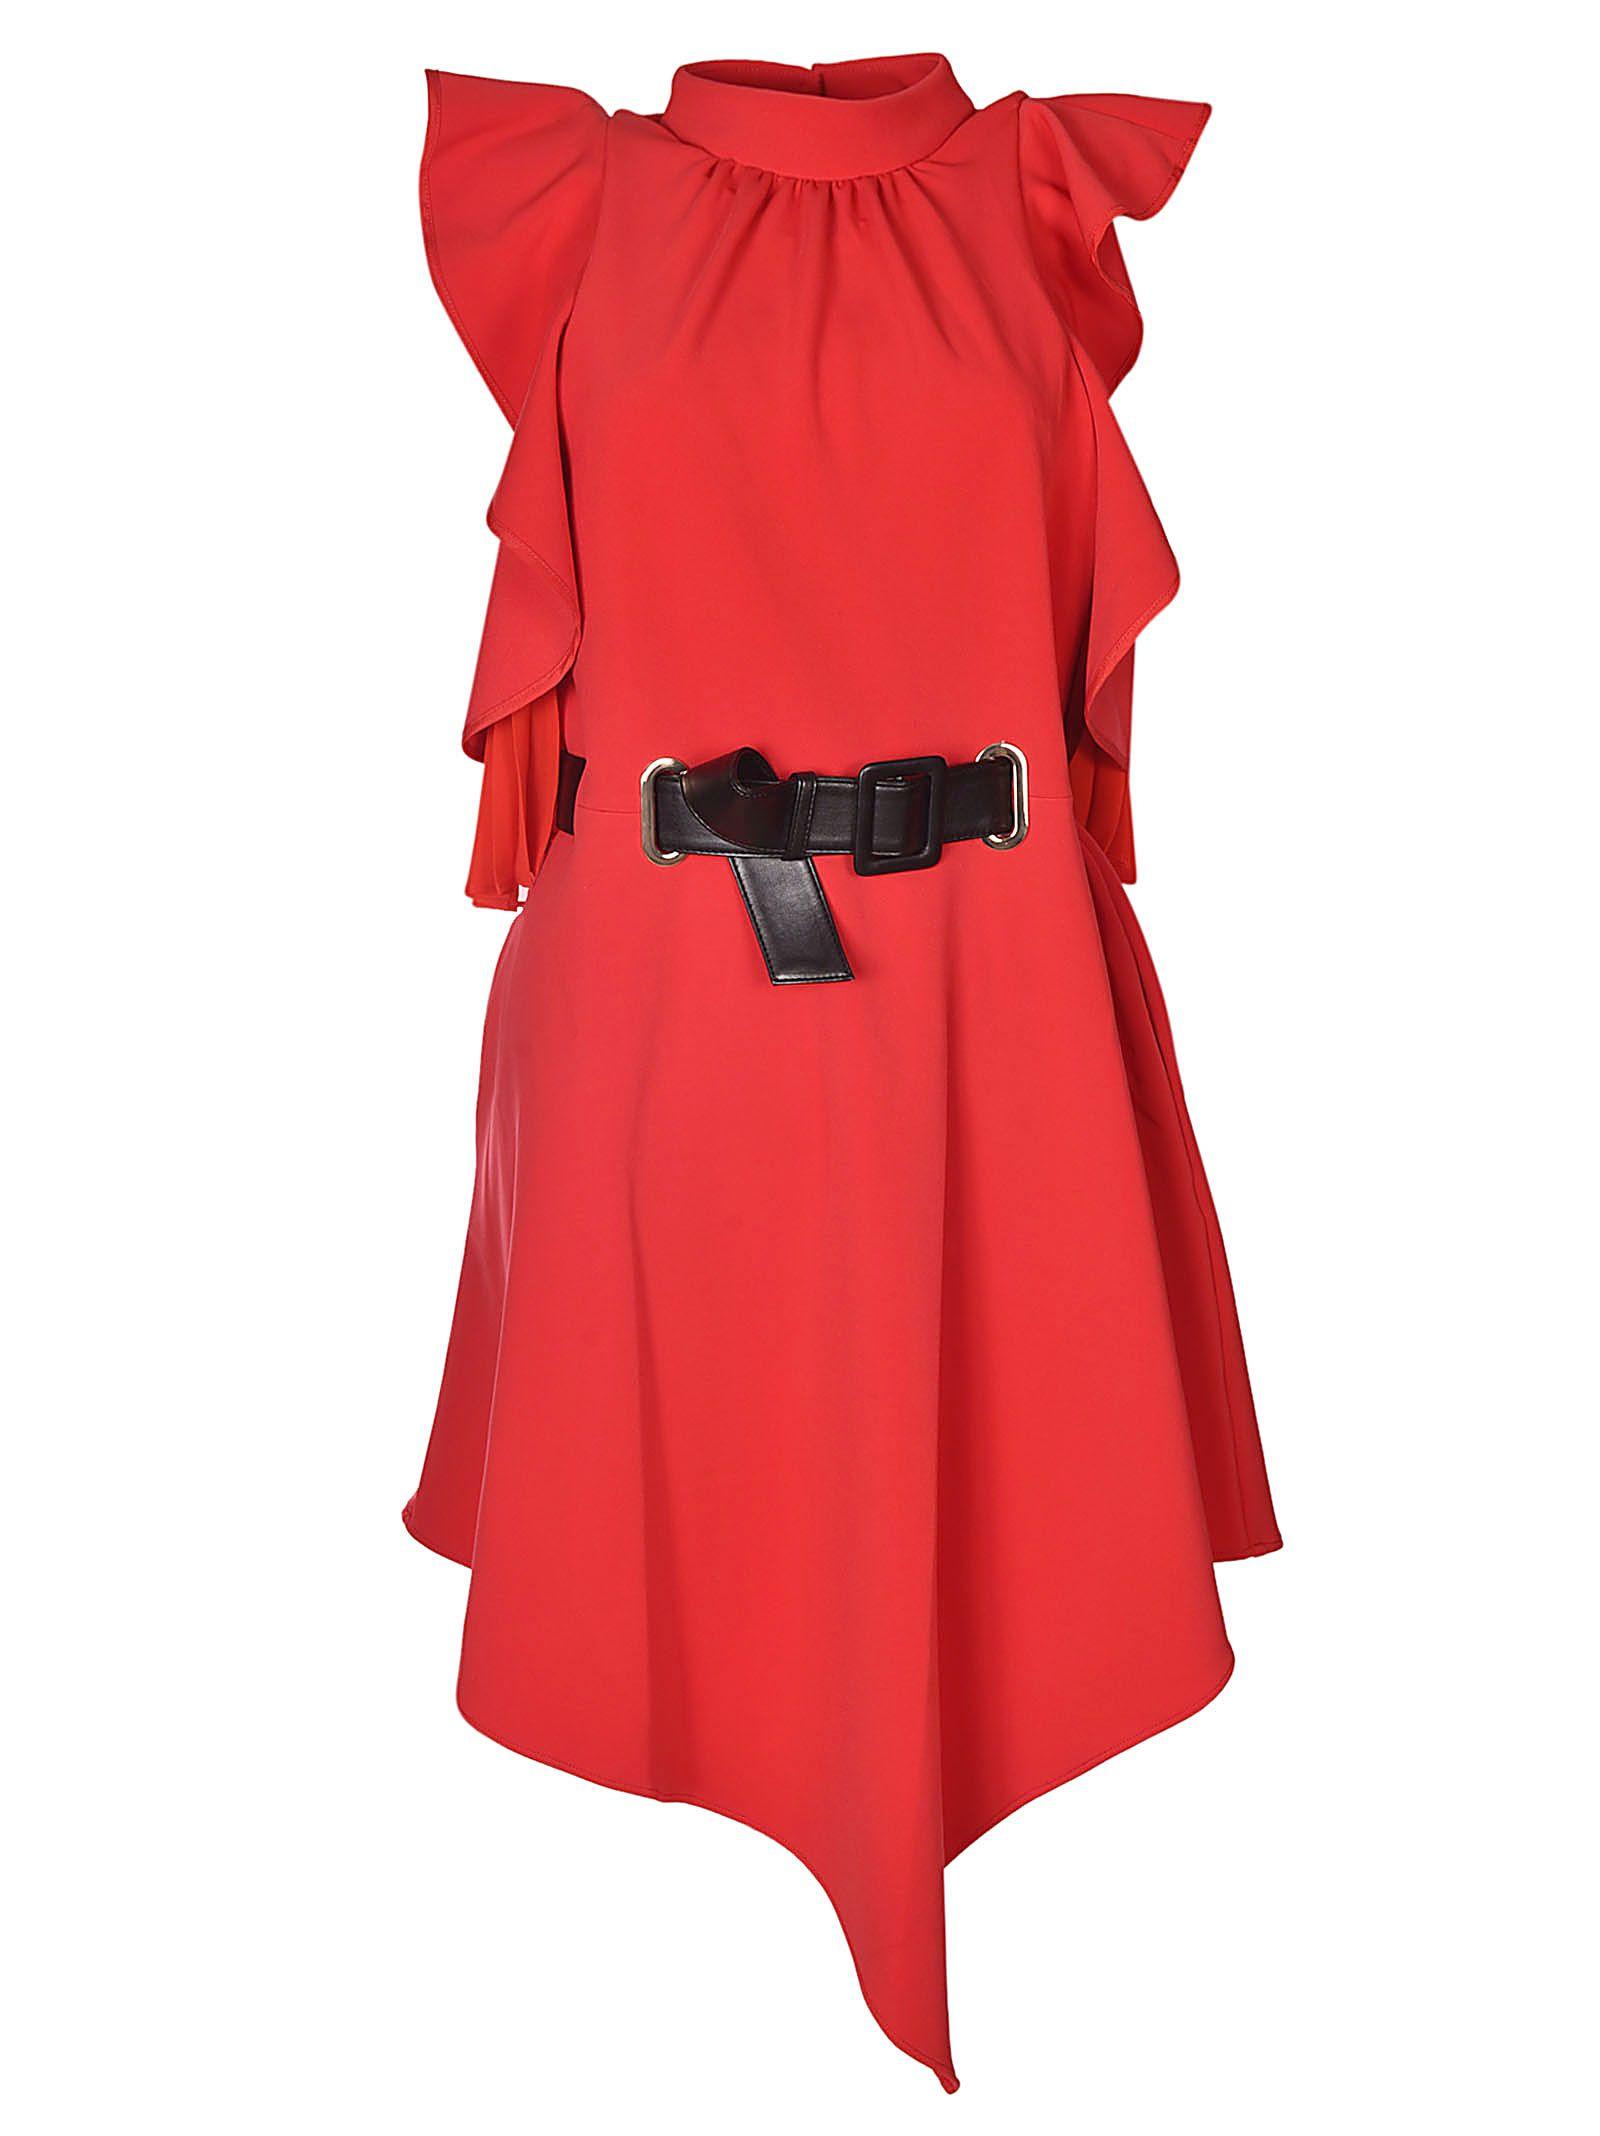 SELF-PORTRAIT ASYMMETRIC DRESS